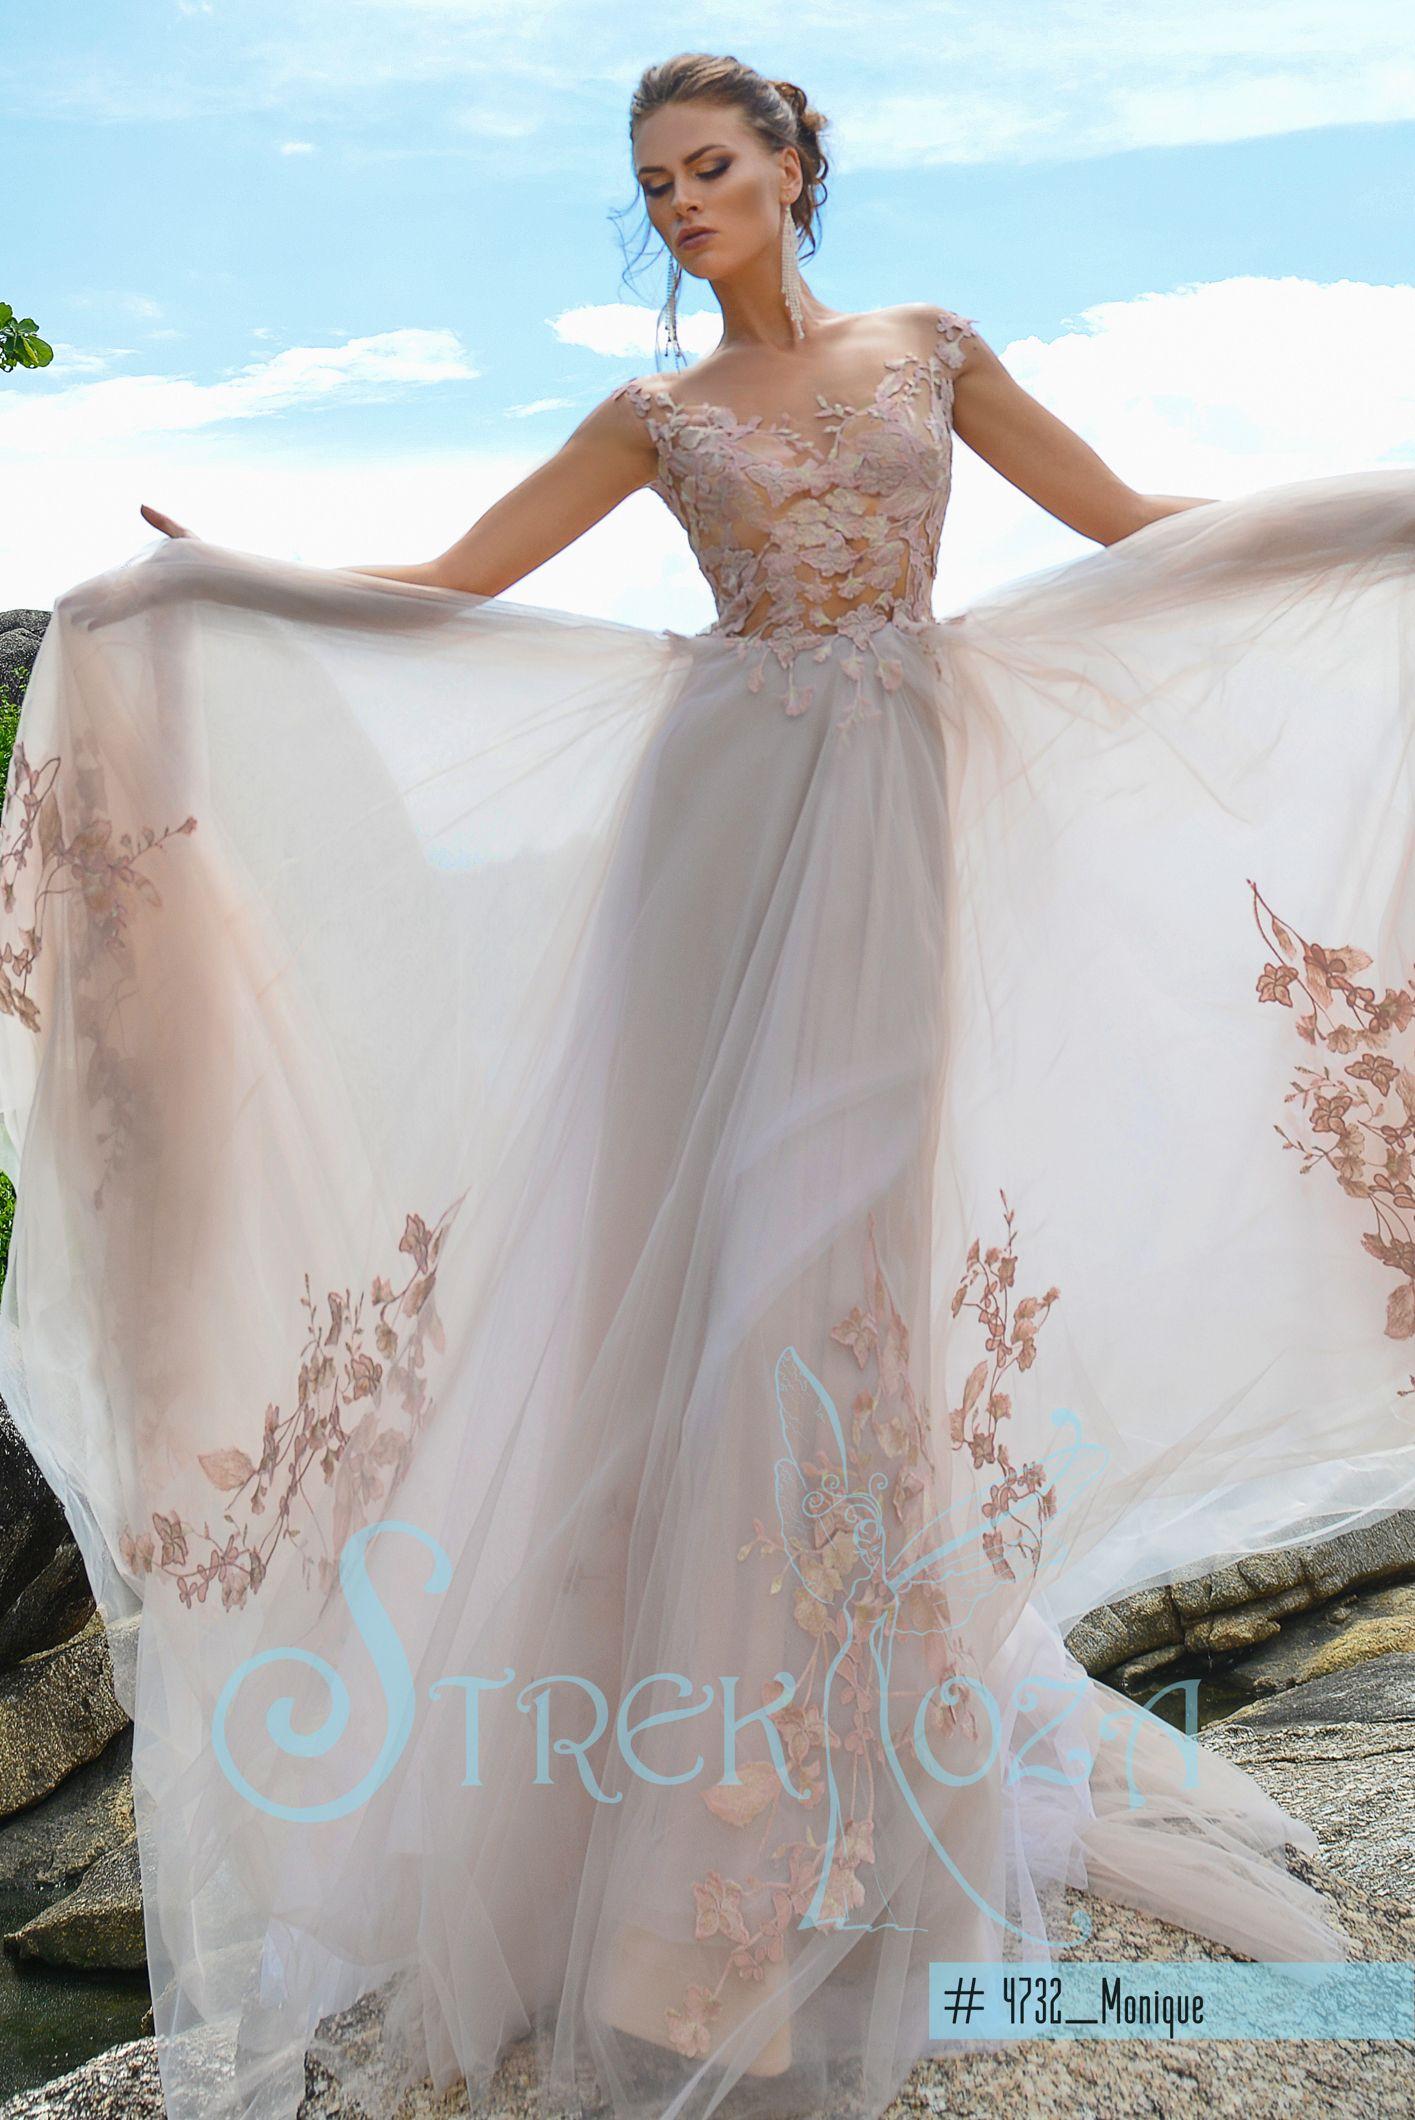 Свадебное платье Моник фото и цены f gowns pinterest ocean